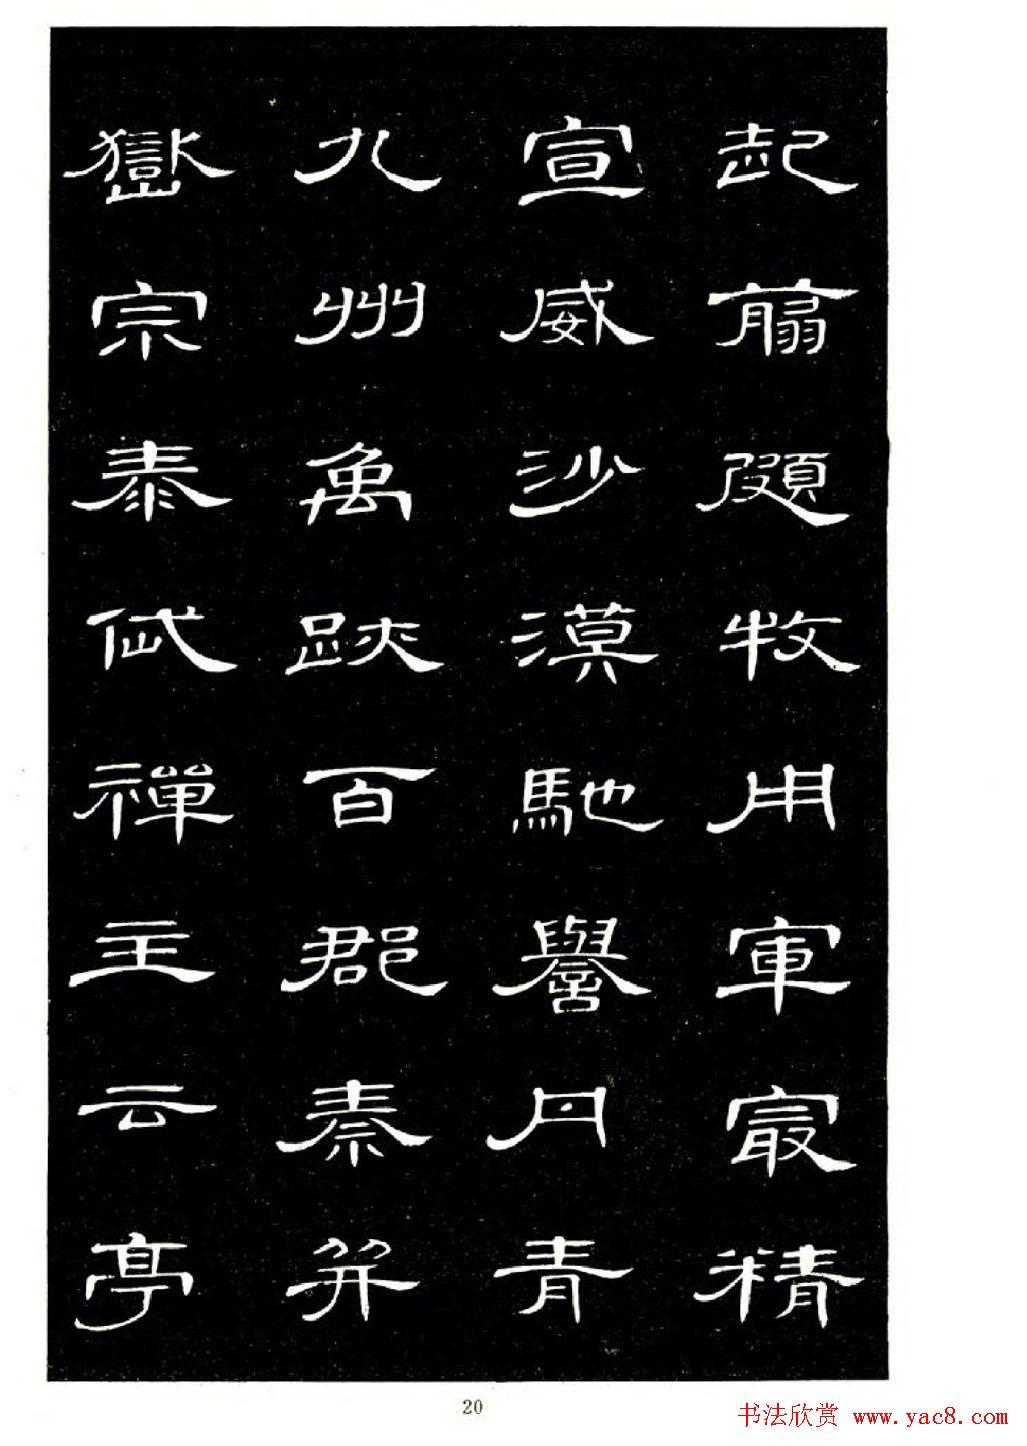 席夔书法字帖欣赏《隶书千字文》(21)图片